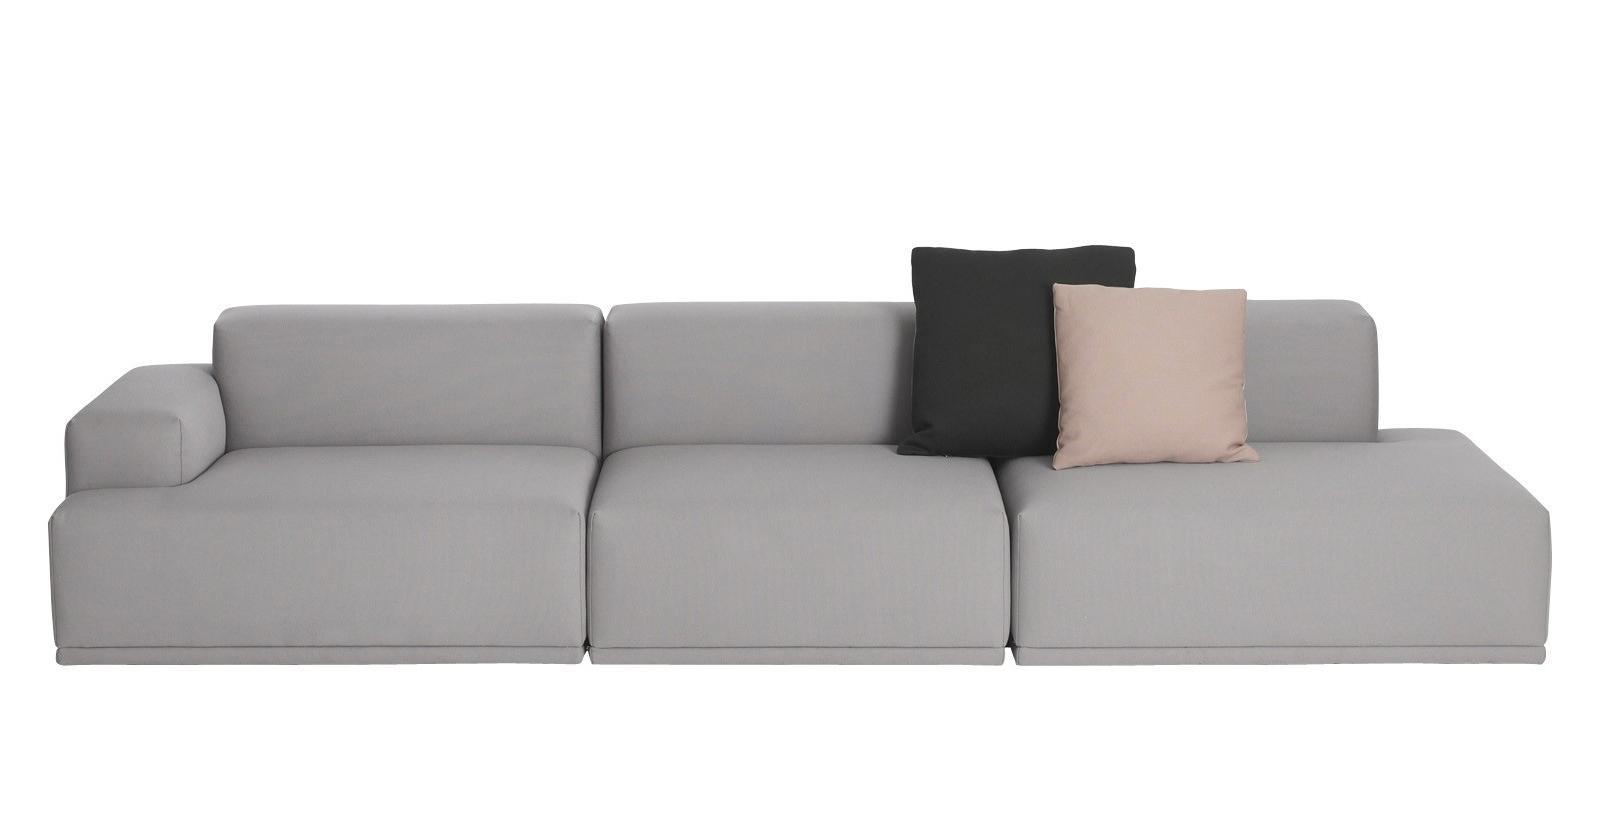 Sofa Modular Gdd0 Muuto Connect Modular sofa Gr Shop Canada